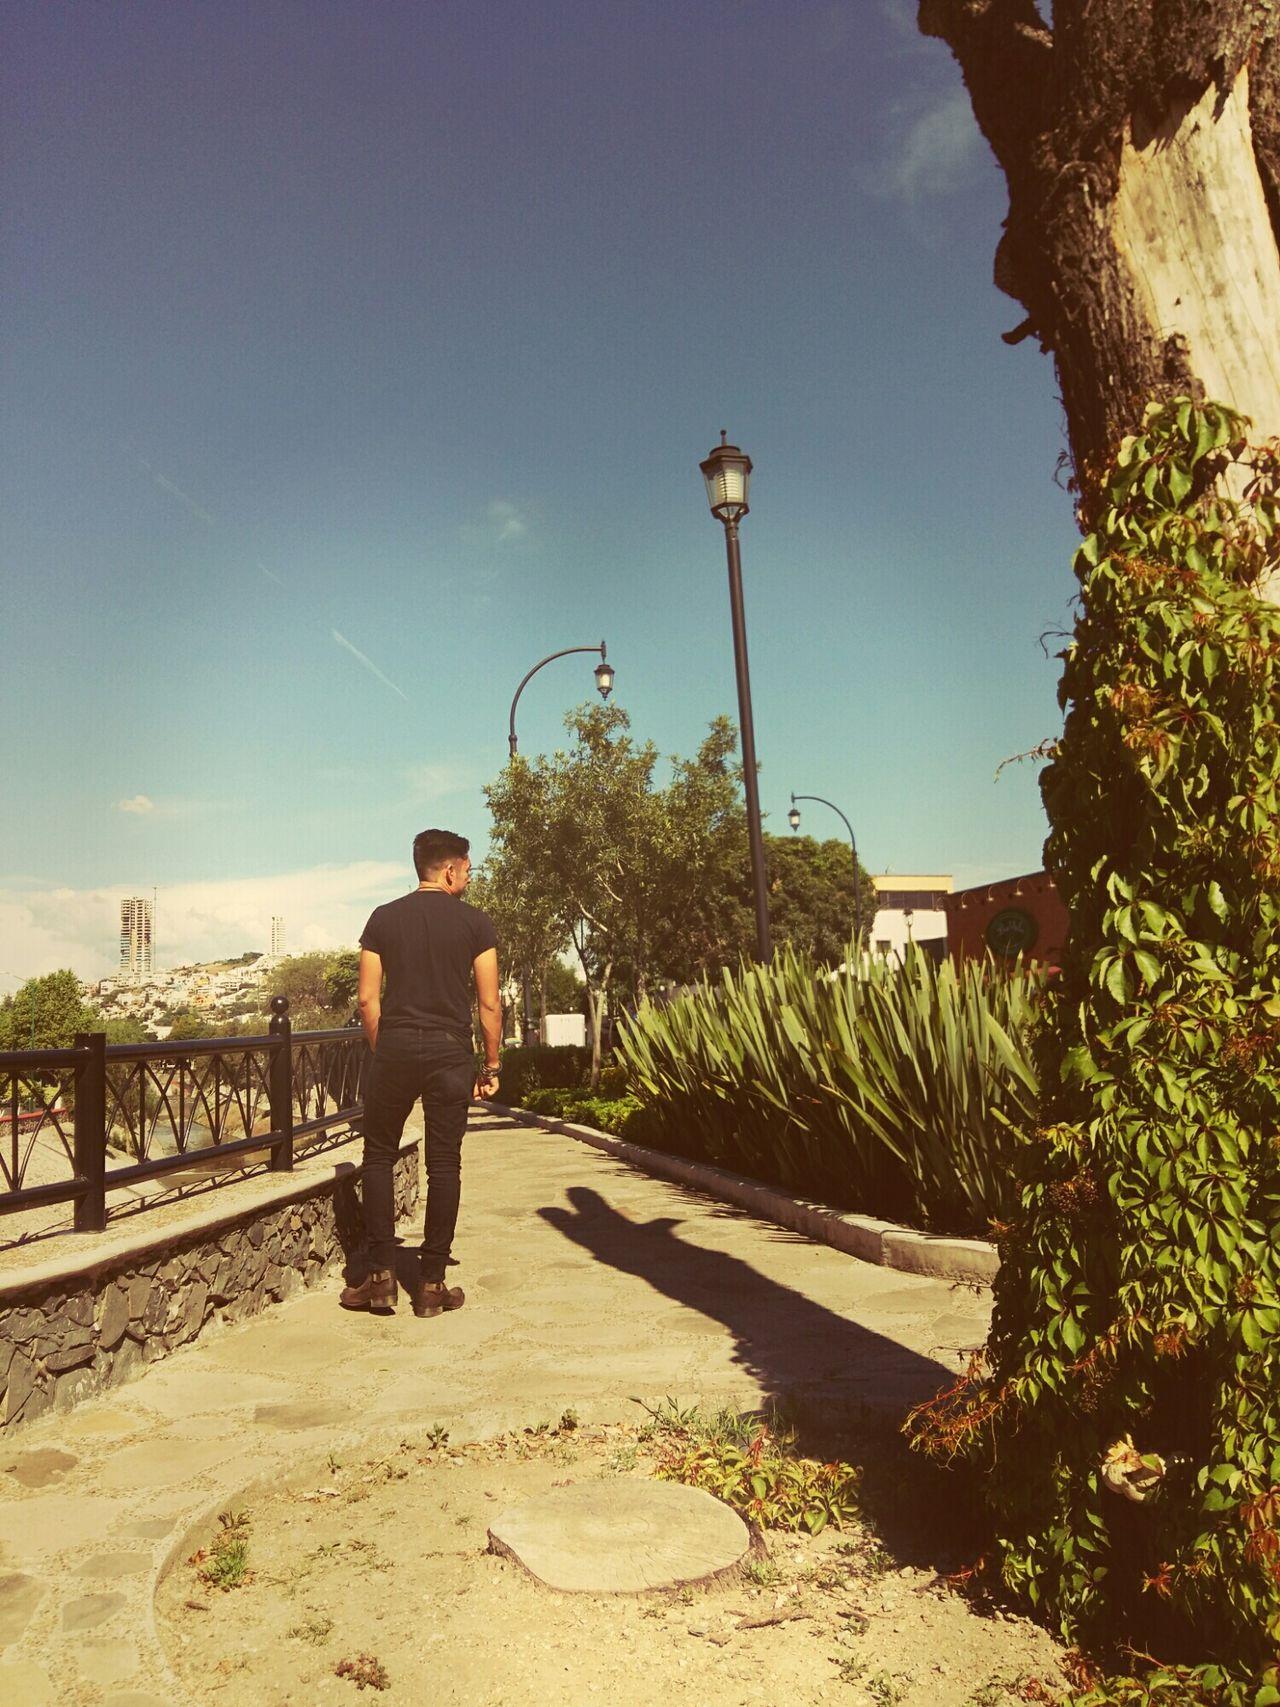 Queretaro,Mexico Enjoying Life My Brother  Urban Nature Cityscapes Menstyle Mi Ciudad Hermosa Urban Life Disfrutando De La Vida